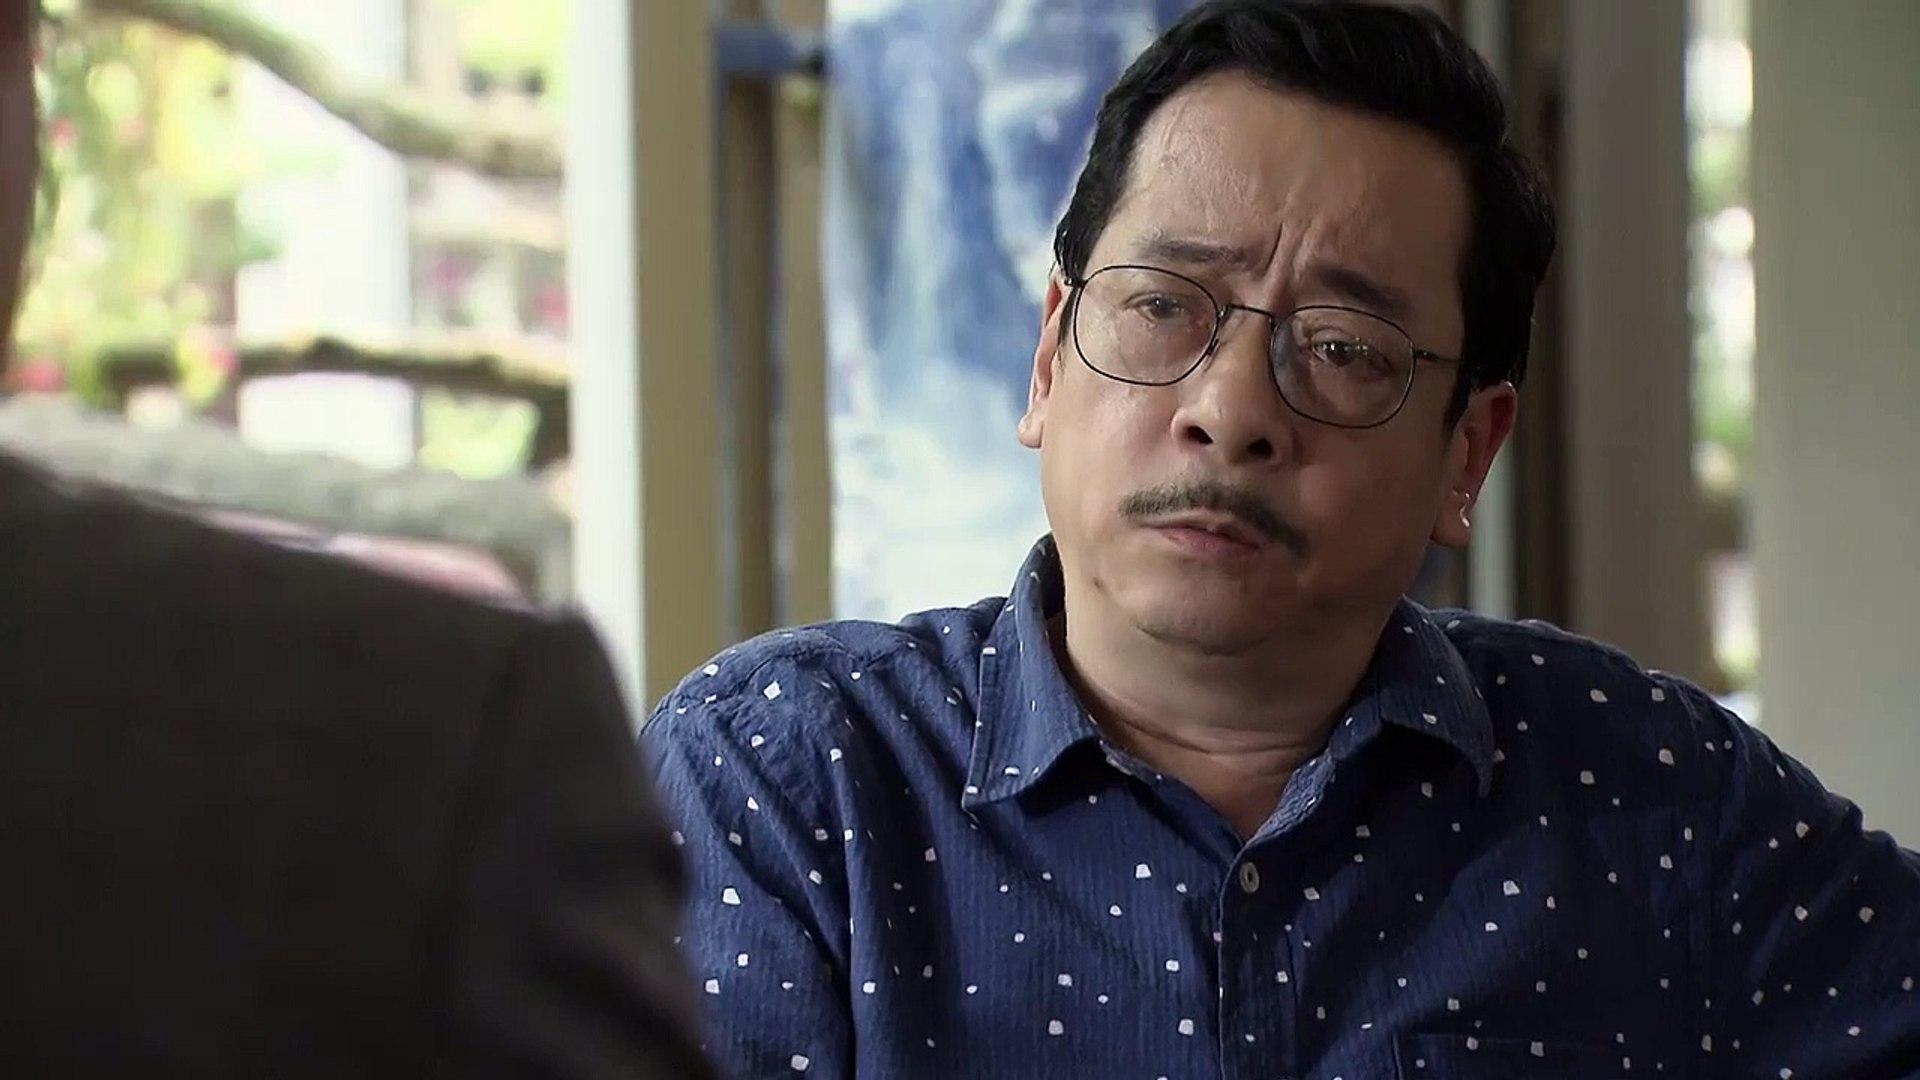 VỀ NHÀ ĐI CON TẬP 59 - PREVIEW - Ánh Dương bị con trai cô bán hoa dở trò sàm sỡ